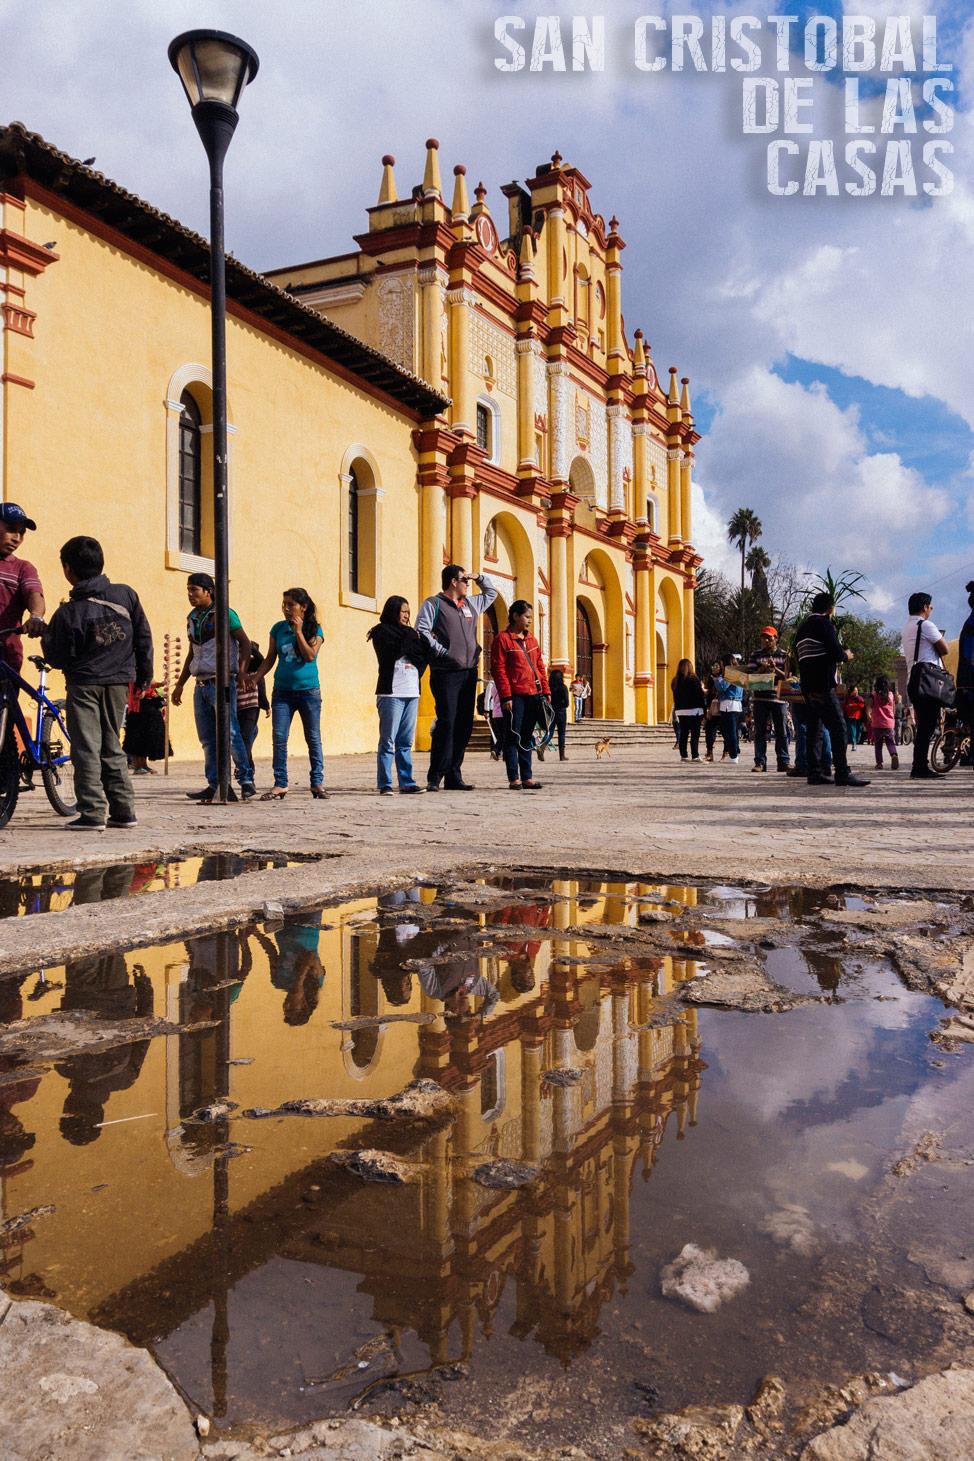 San Cristobal Reflections